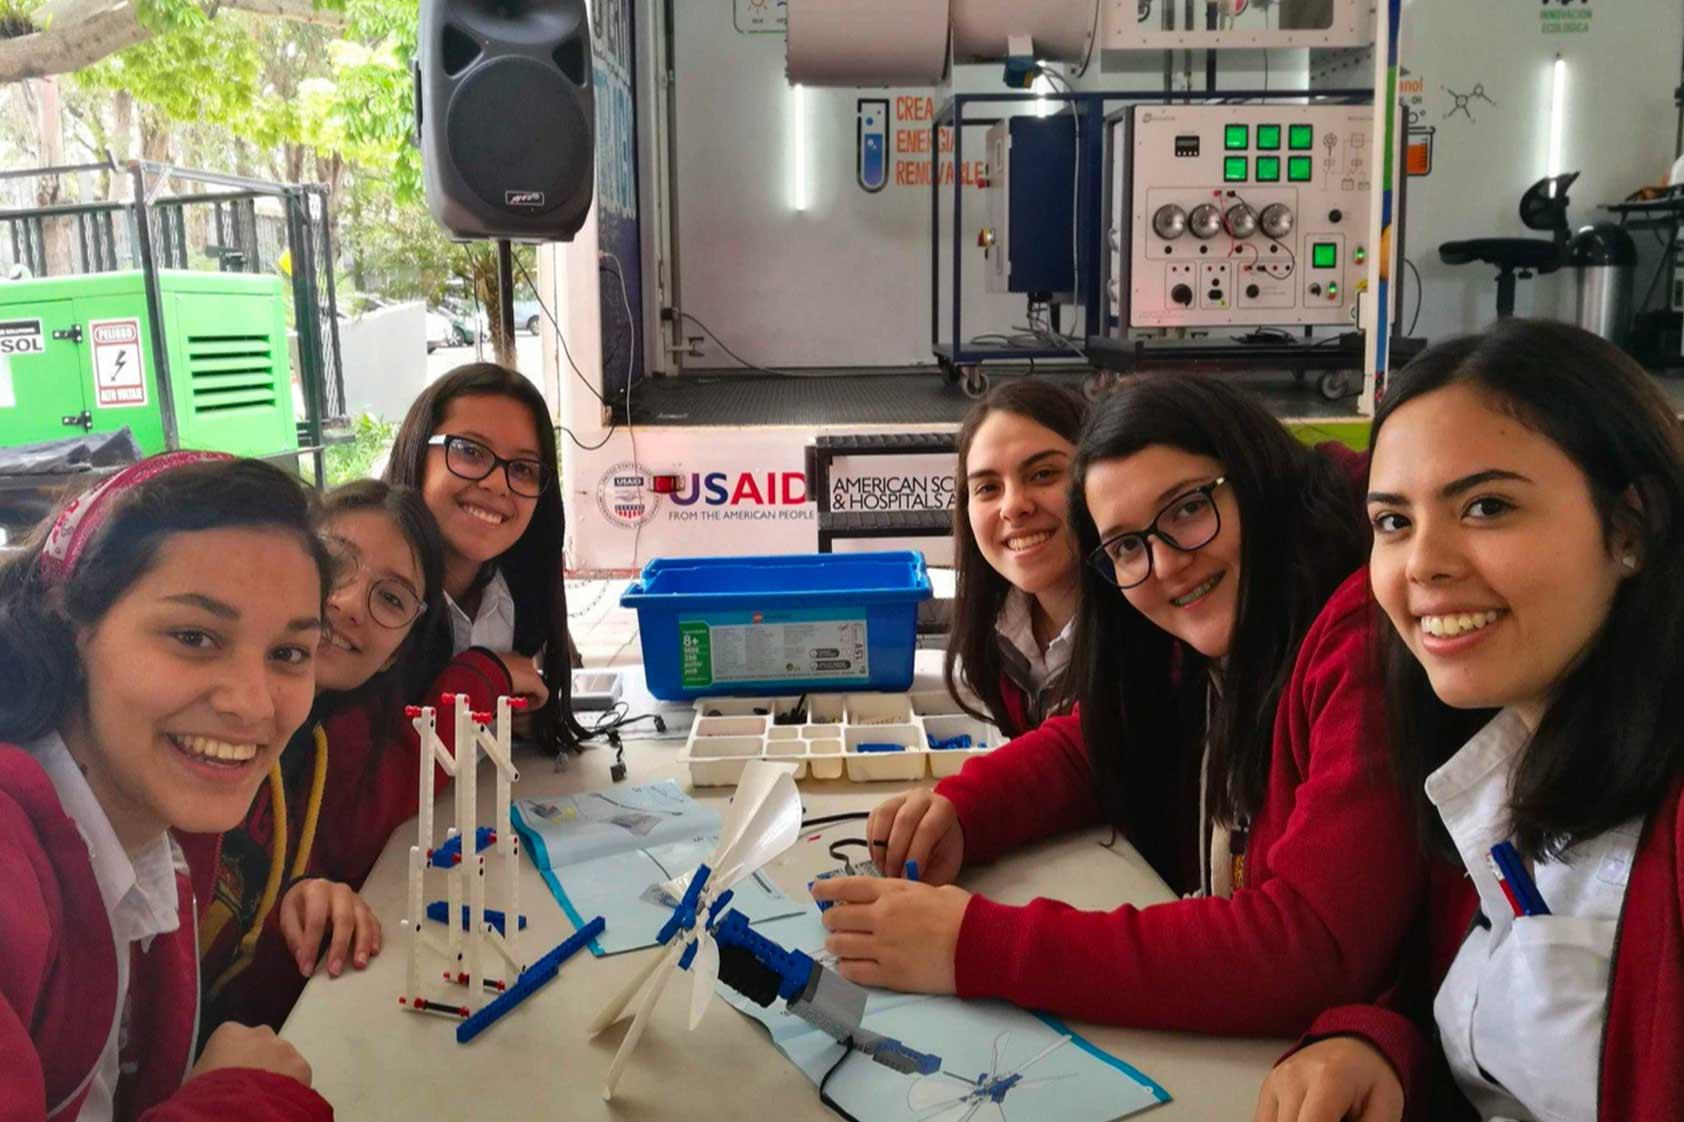 ¡La próxima lección del Steam Truck enseñará sobre Ciencia Aeroespacial!